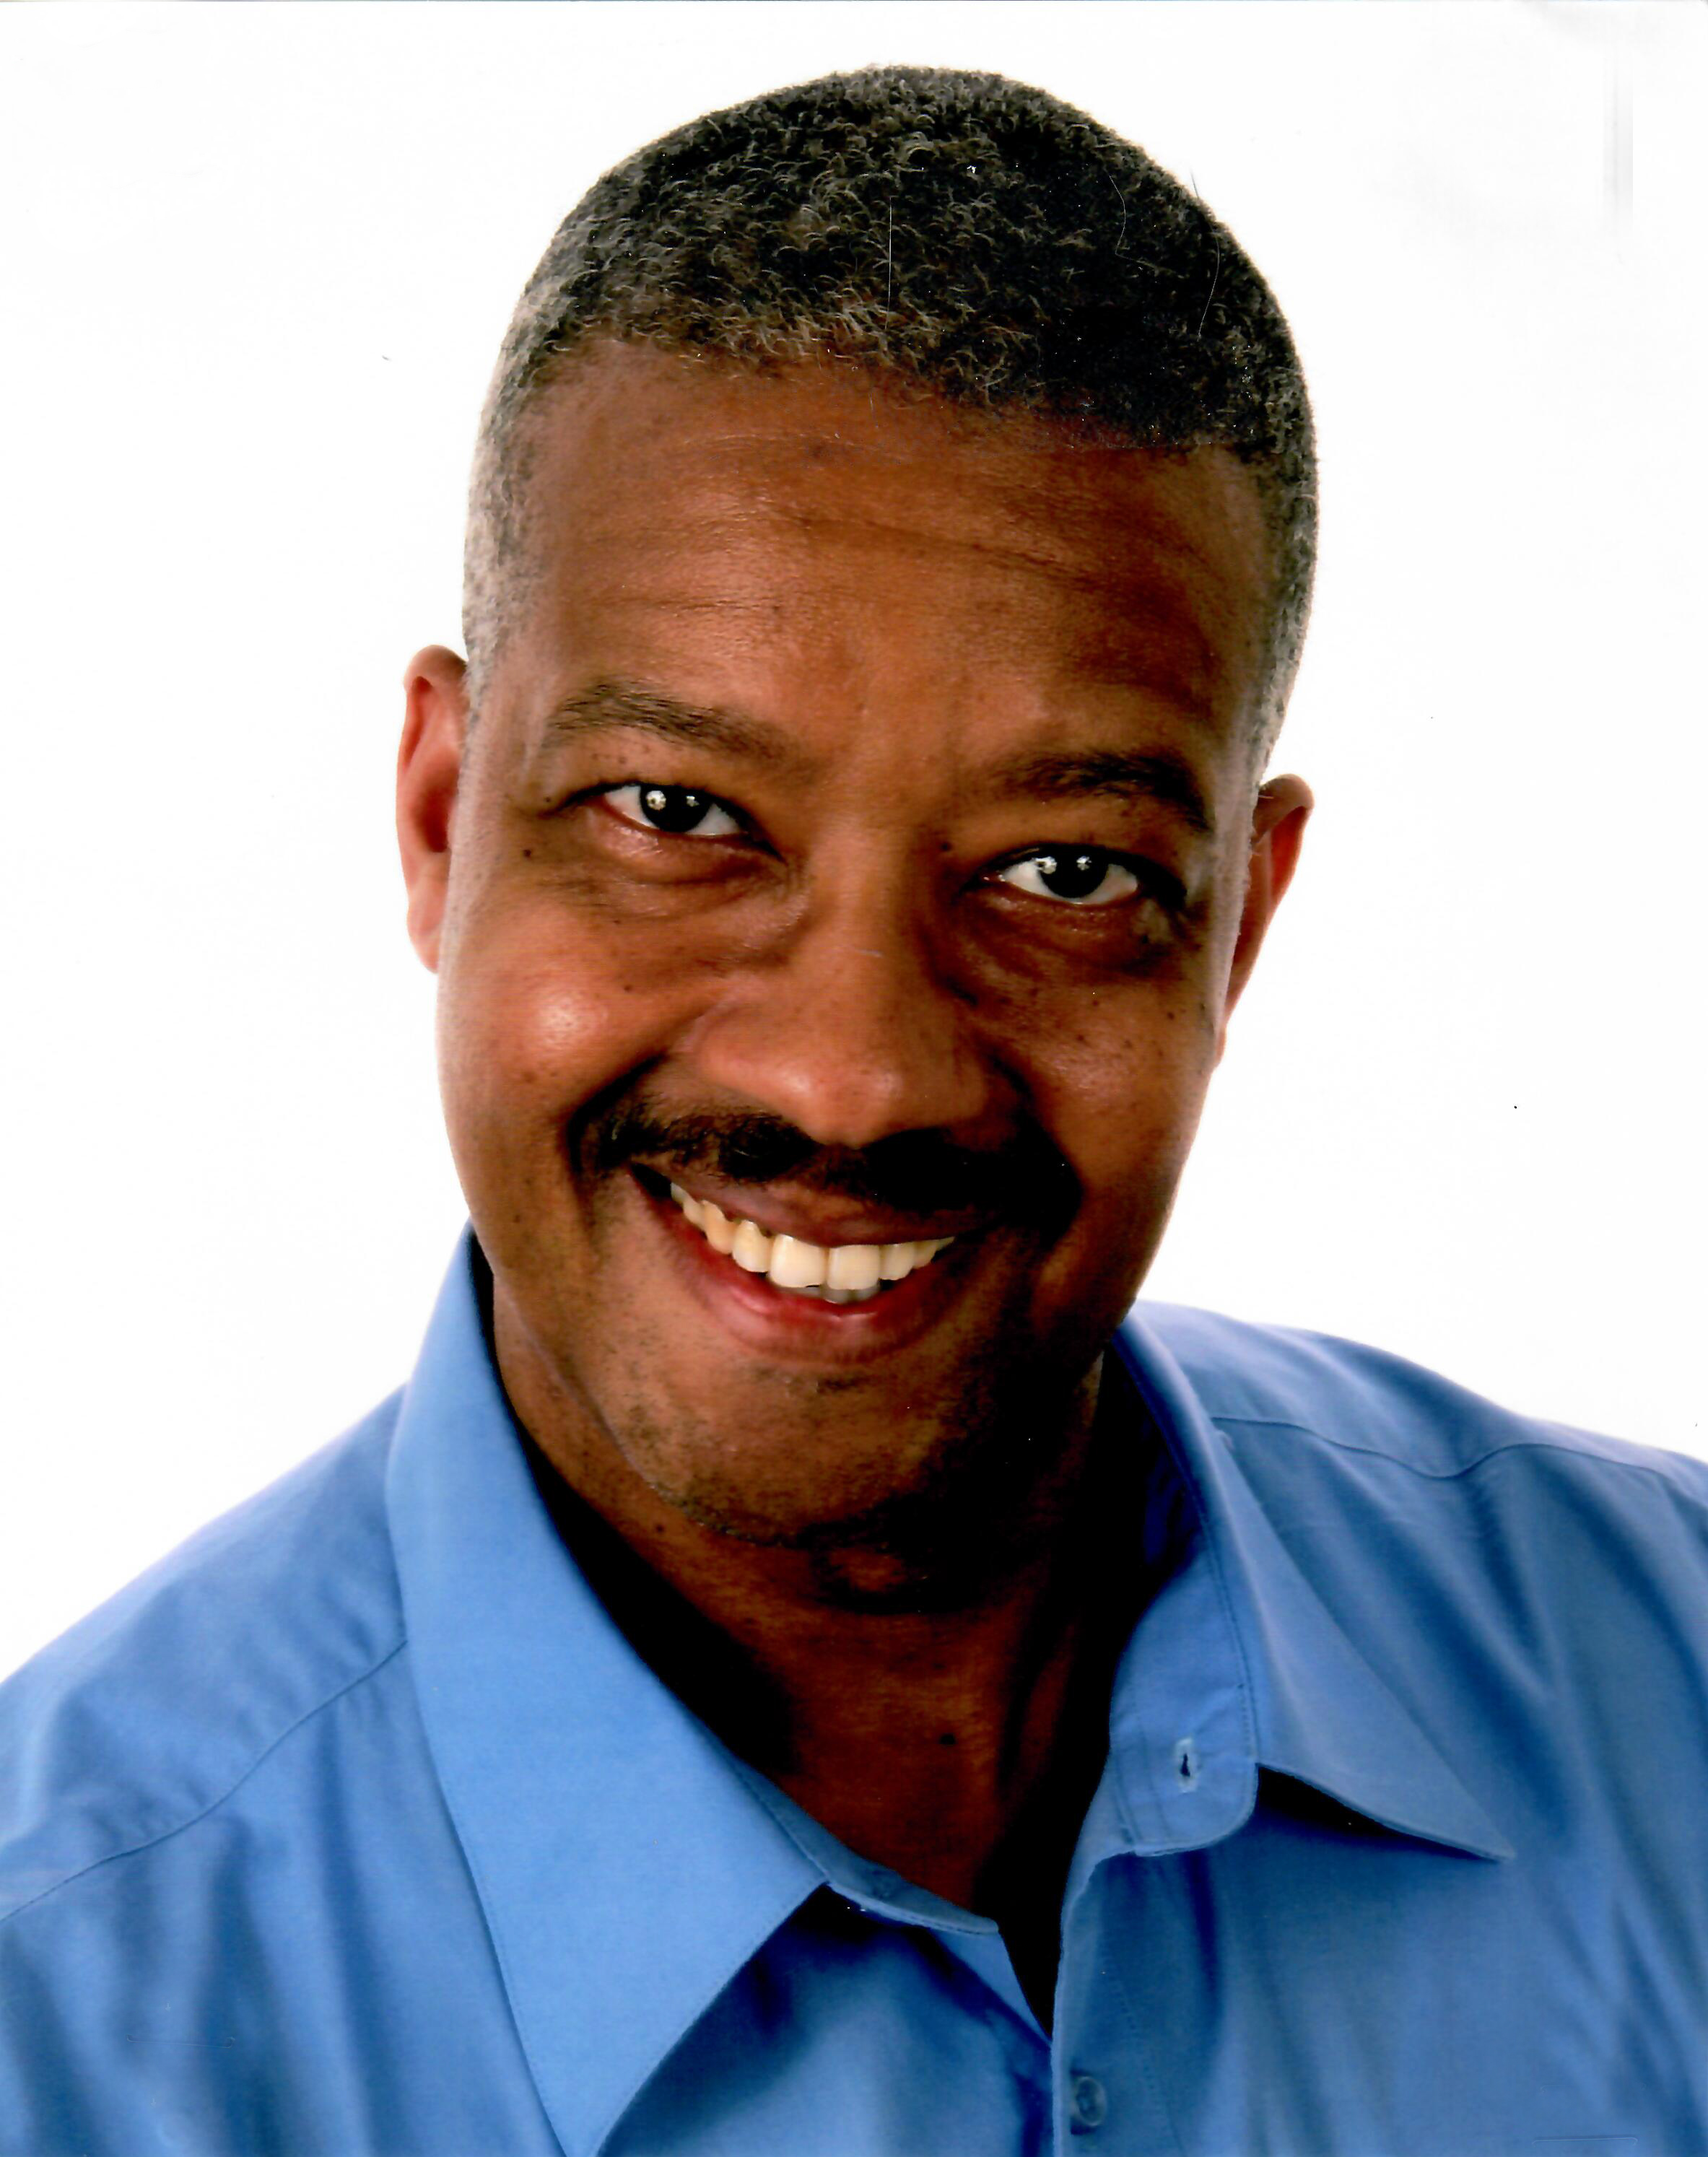 Director, Ethan Jones